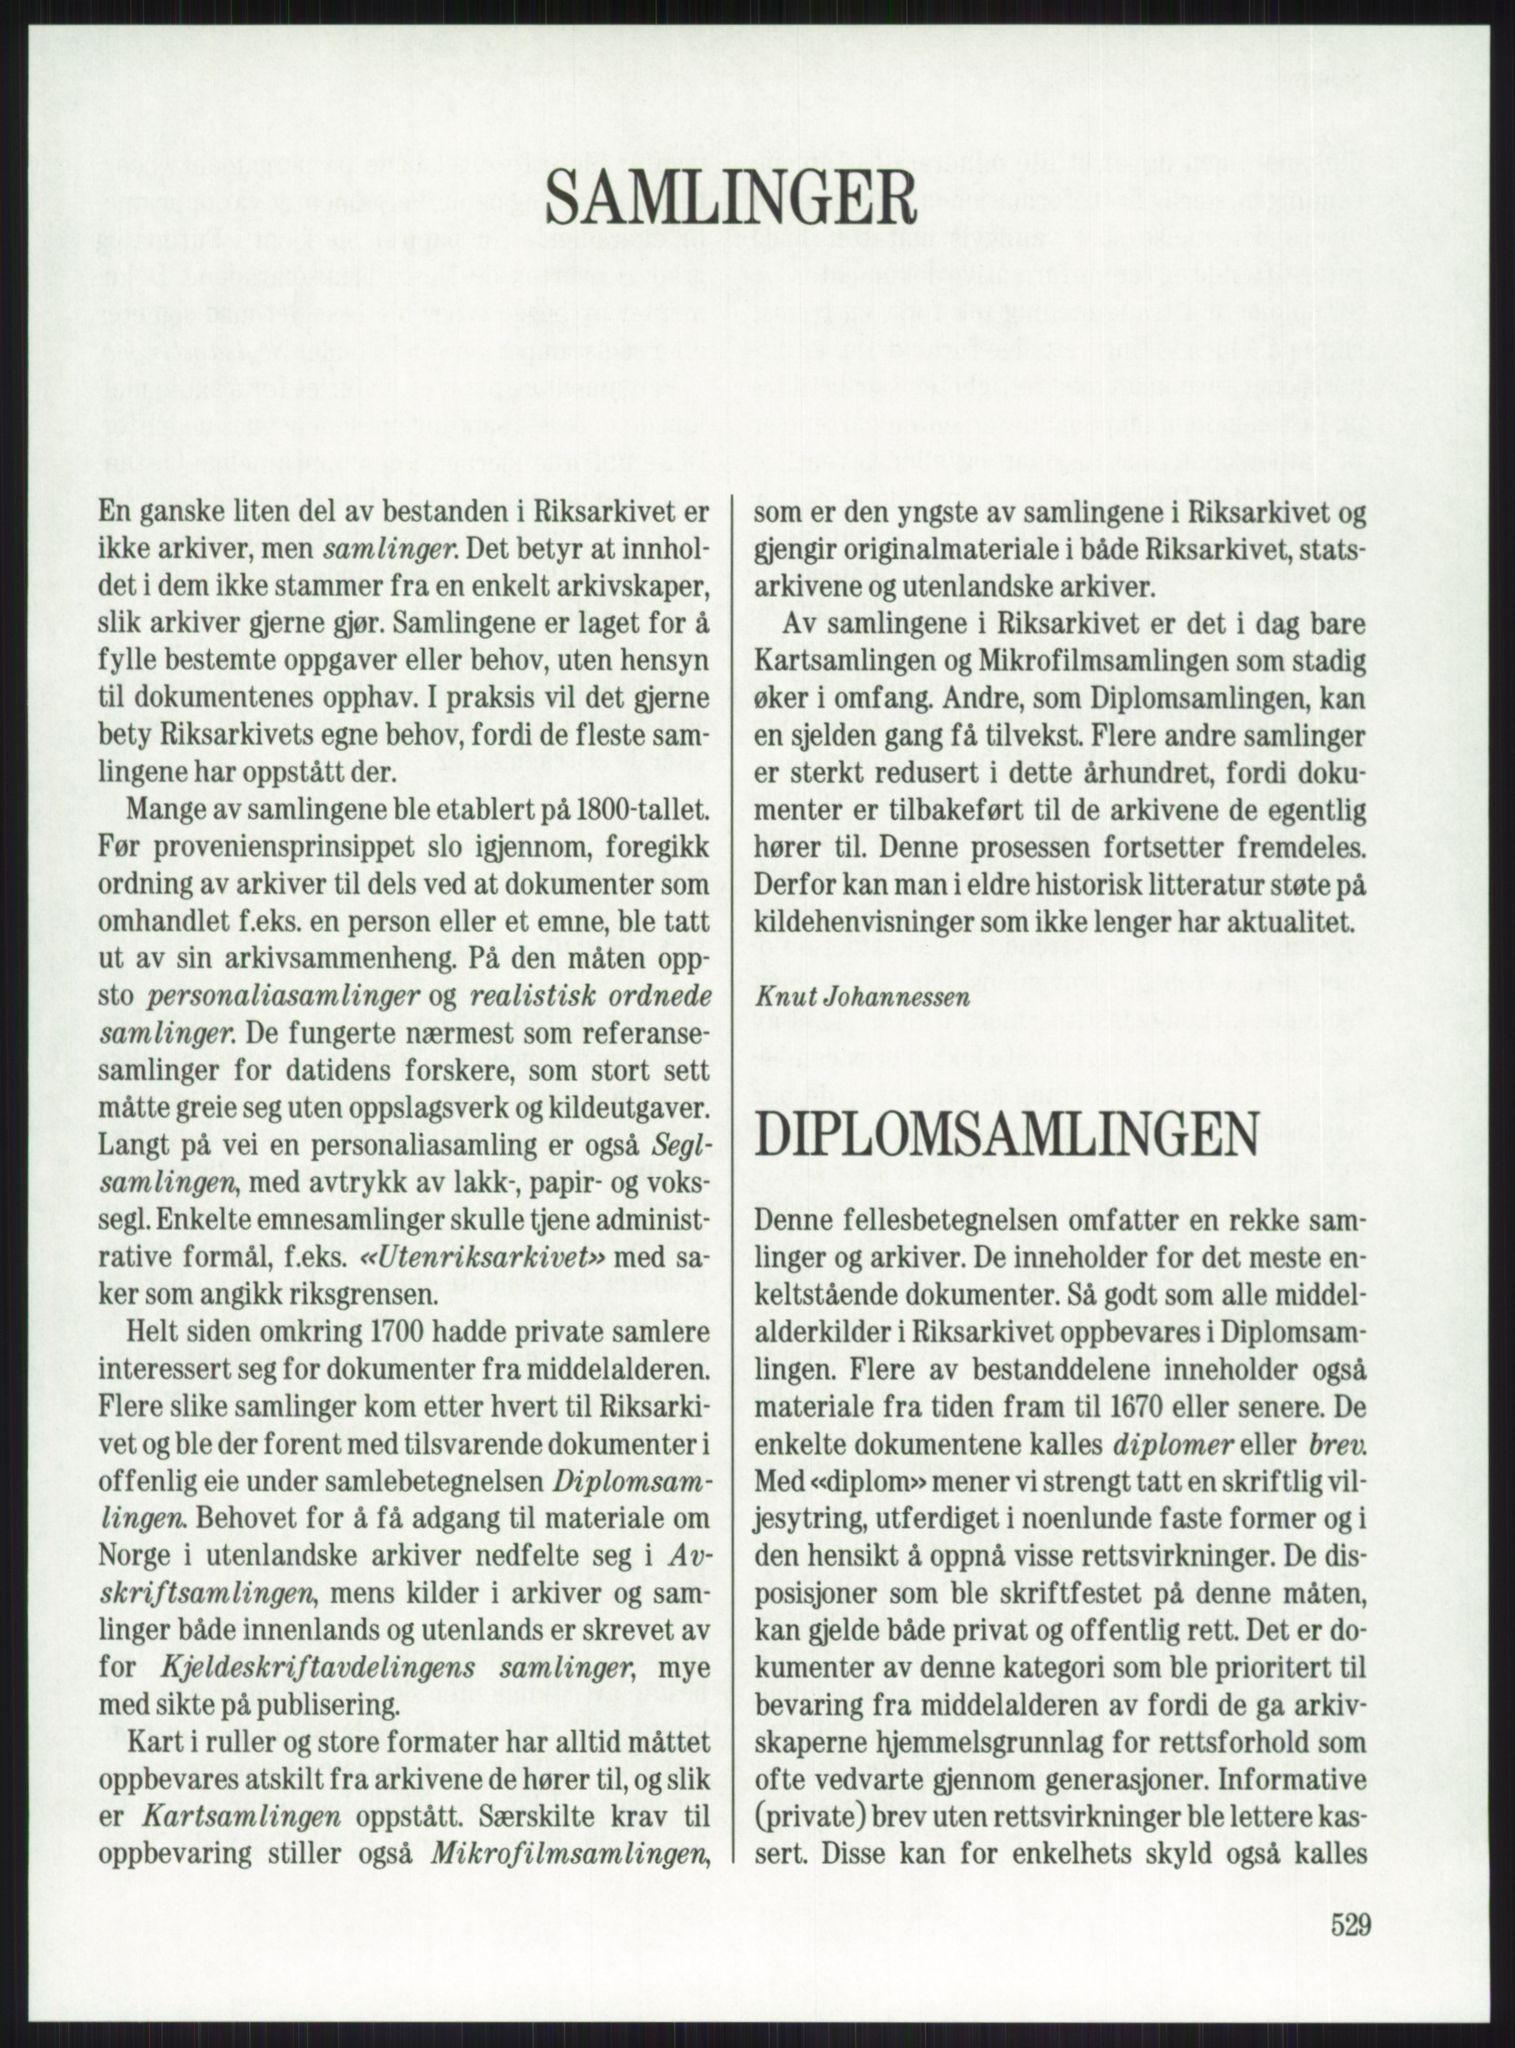 RA, Publikasjoner, -/-: Knut Johannessen, Ole Kolsrud og Dag Mangset (red.): Håndbok for Riksarkivet (1992), s. 529